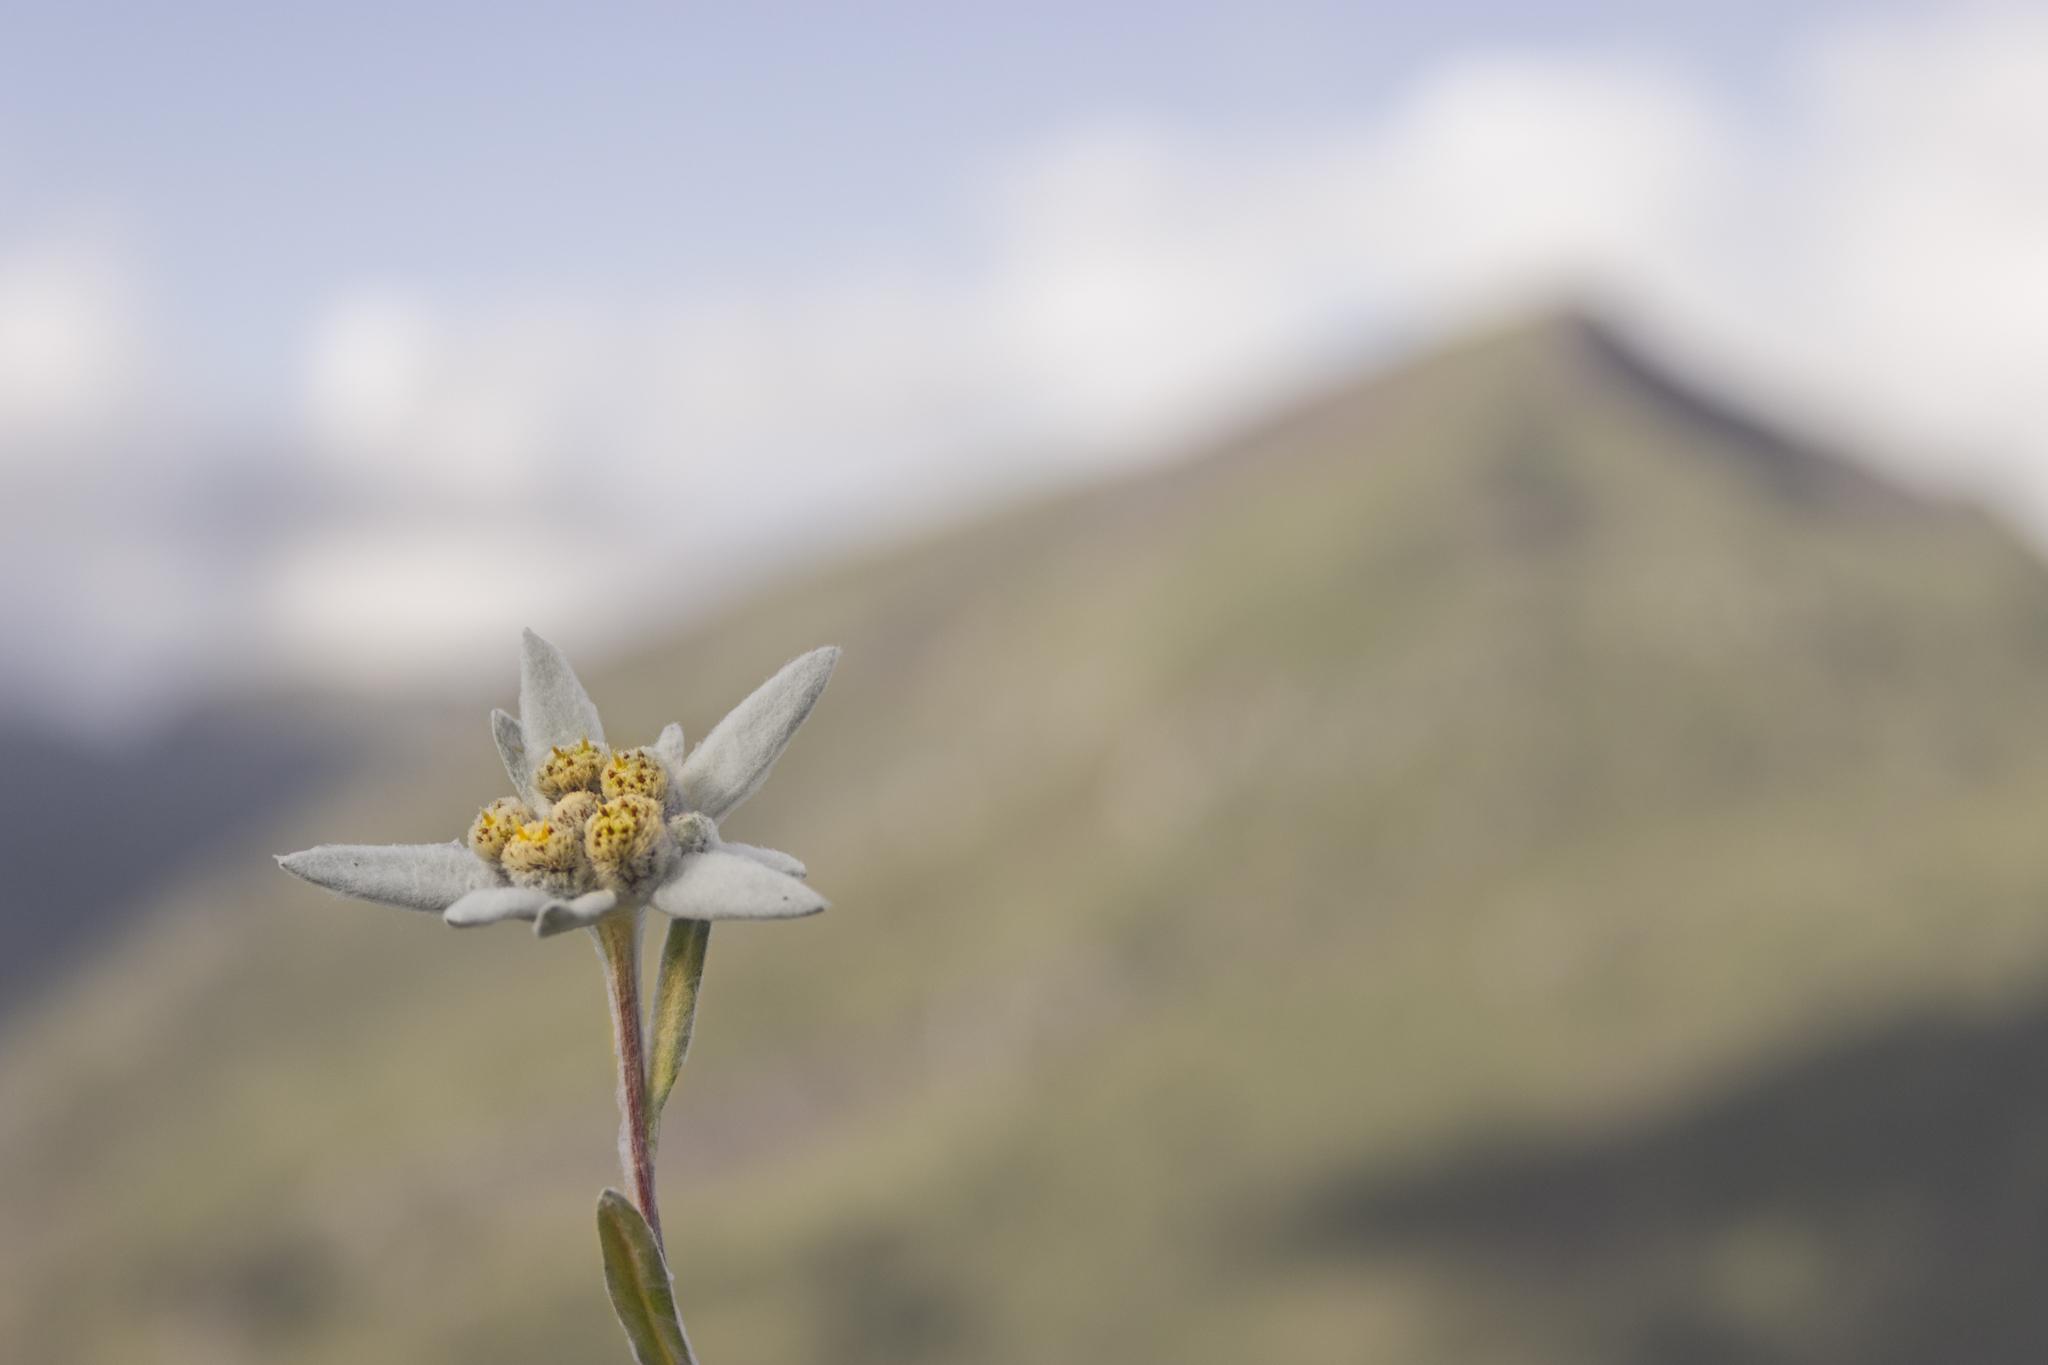 Edelweis y La Raca - Paisajes del valle - Fotos del Valle del Aragón, Mikel Besga